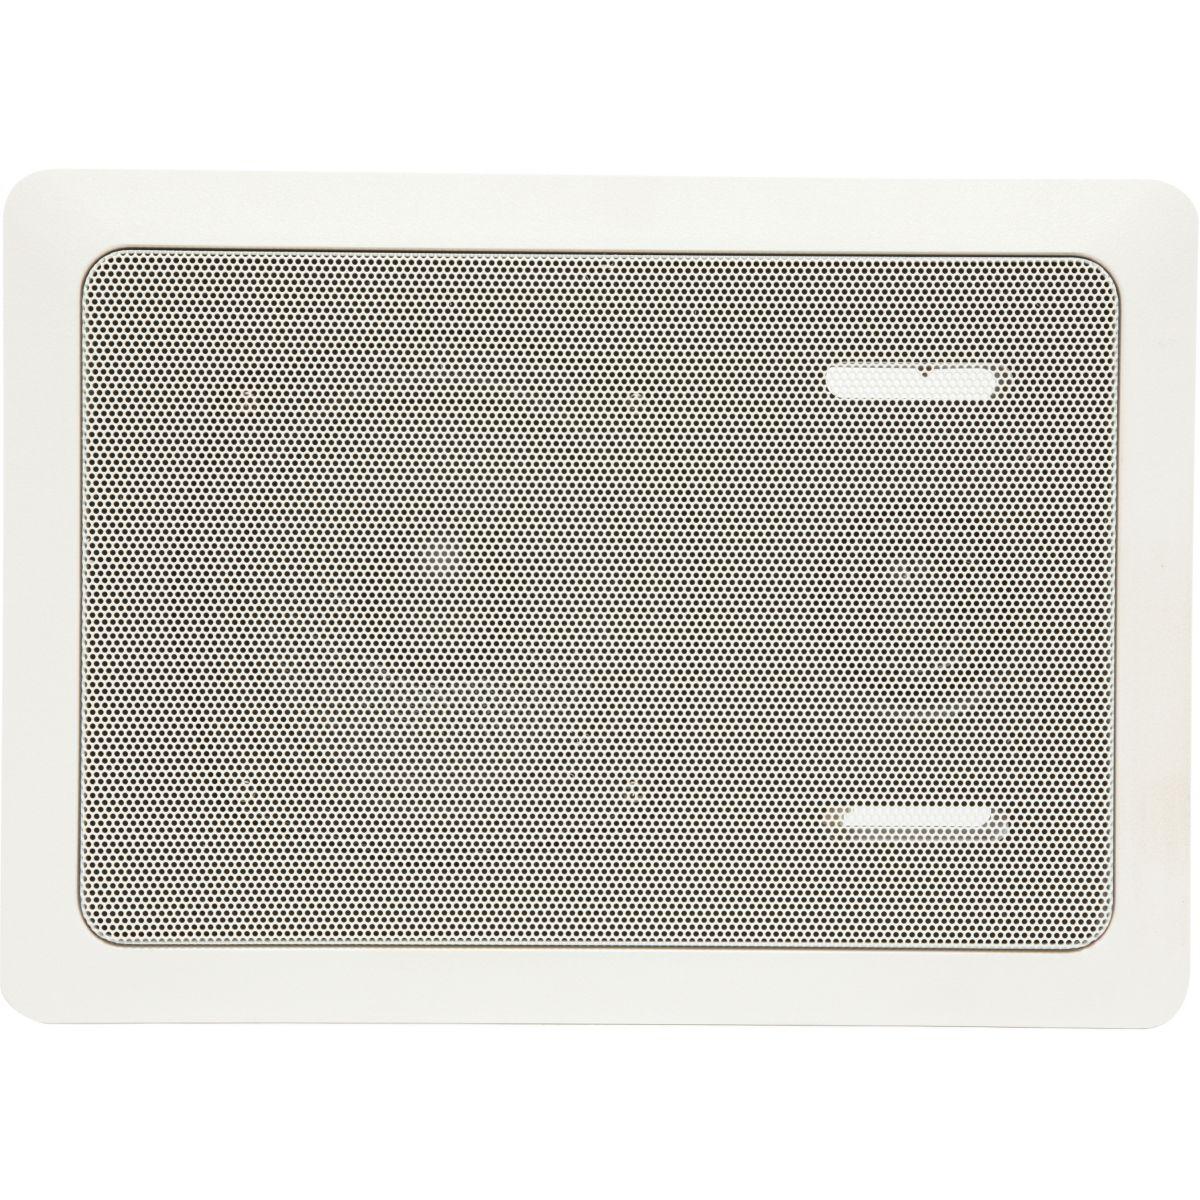 Enceinte encastrable davis 130 re blanc - livraison offerte : code premium (photo)